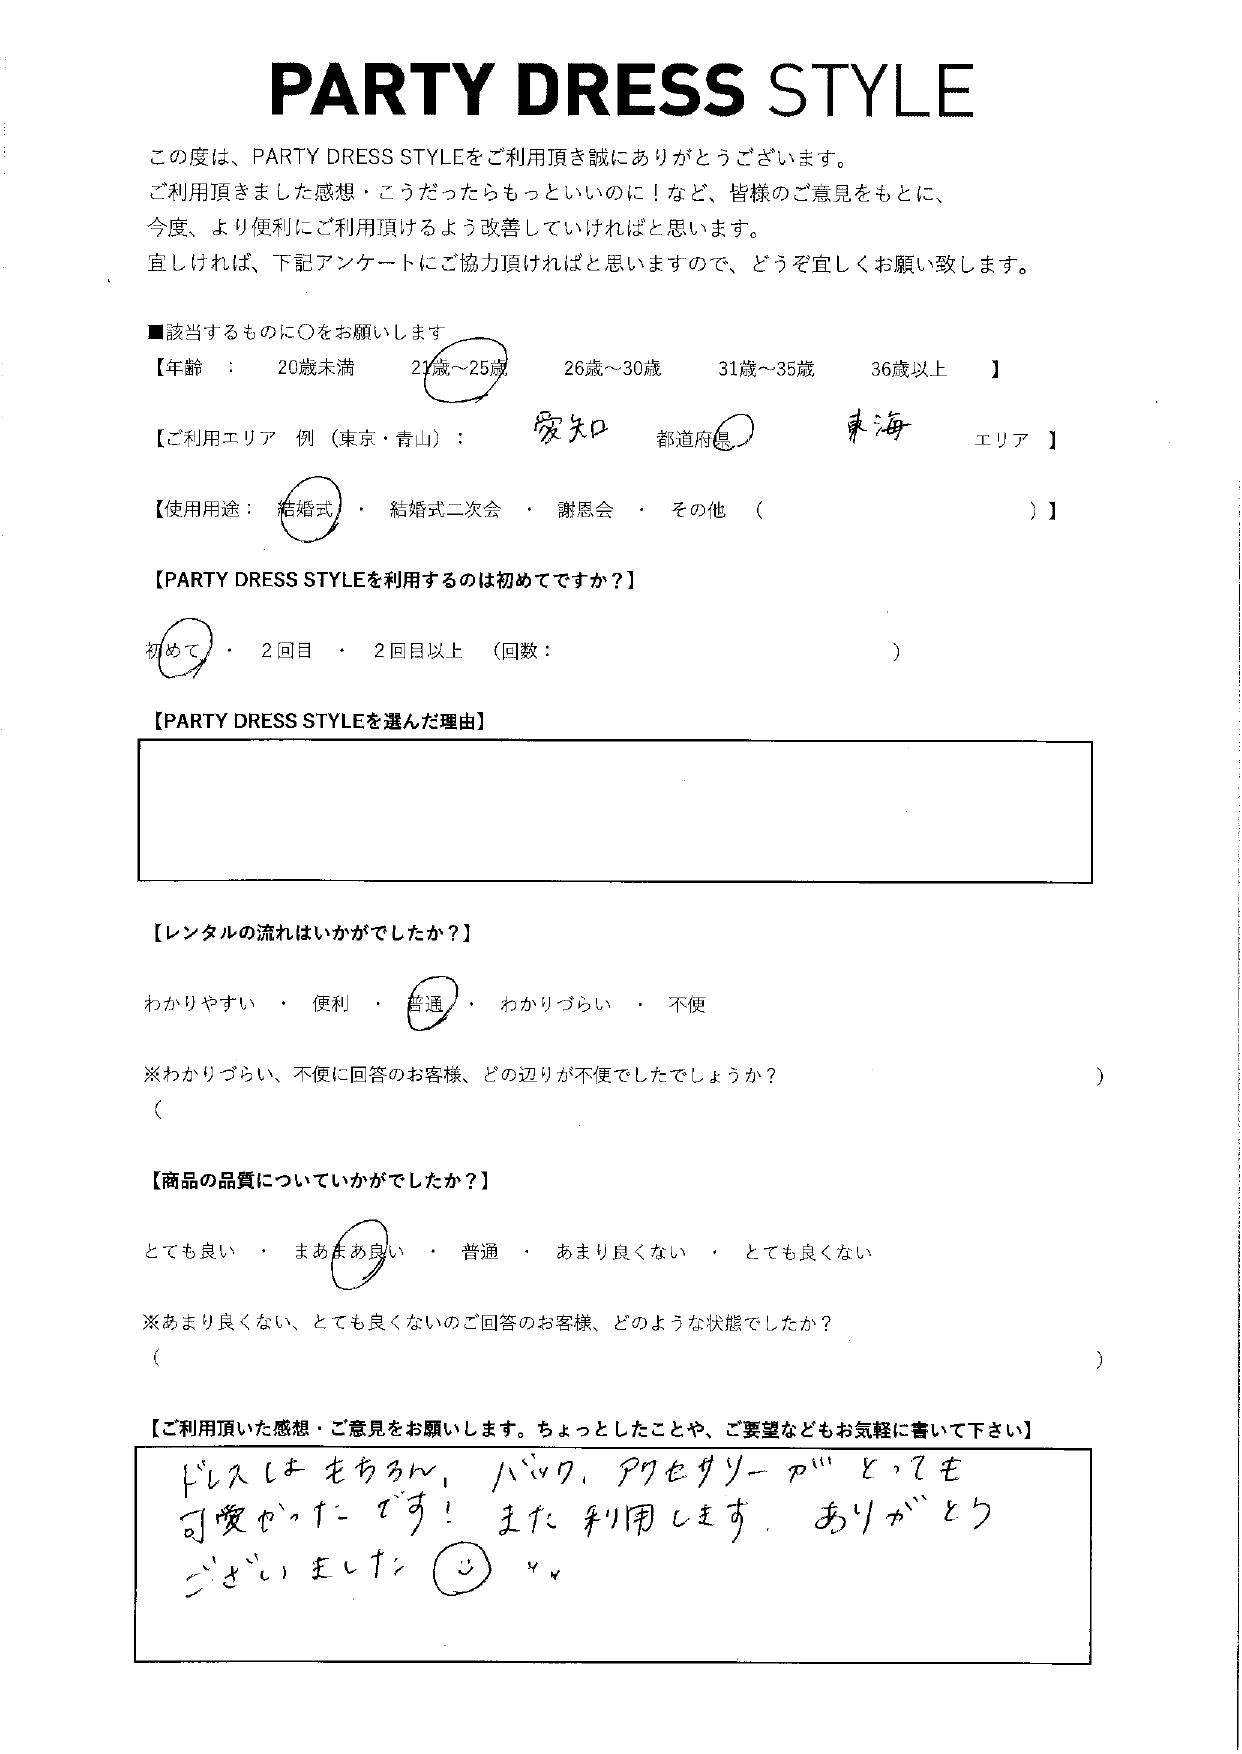 11/8結婚式ご利用 愛知・東海エリア